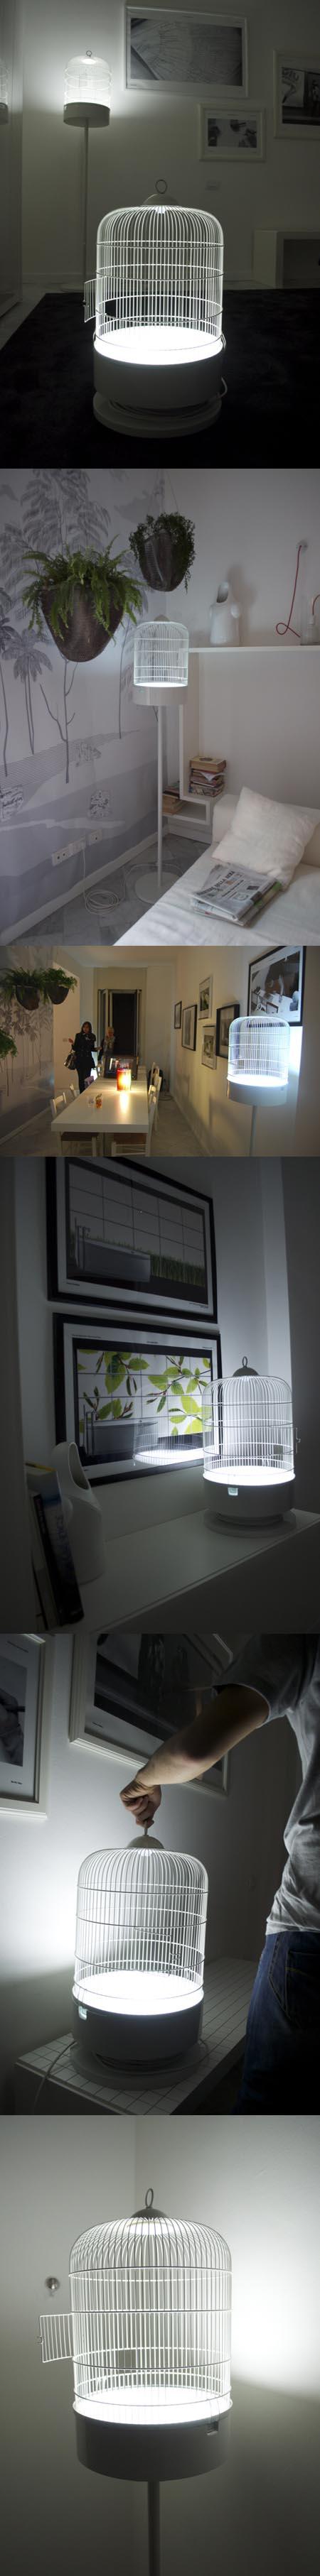 Zona Tortona, appartamento Lago, lampada Cardellino design Collettivo Sud